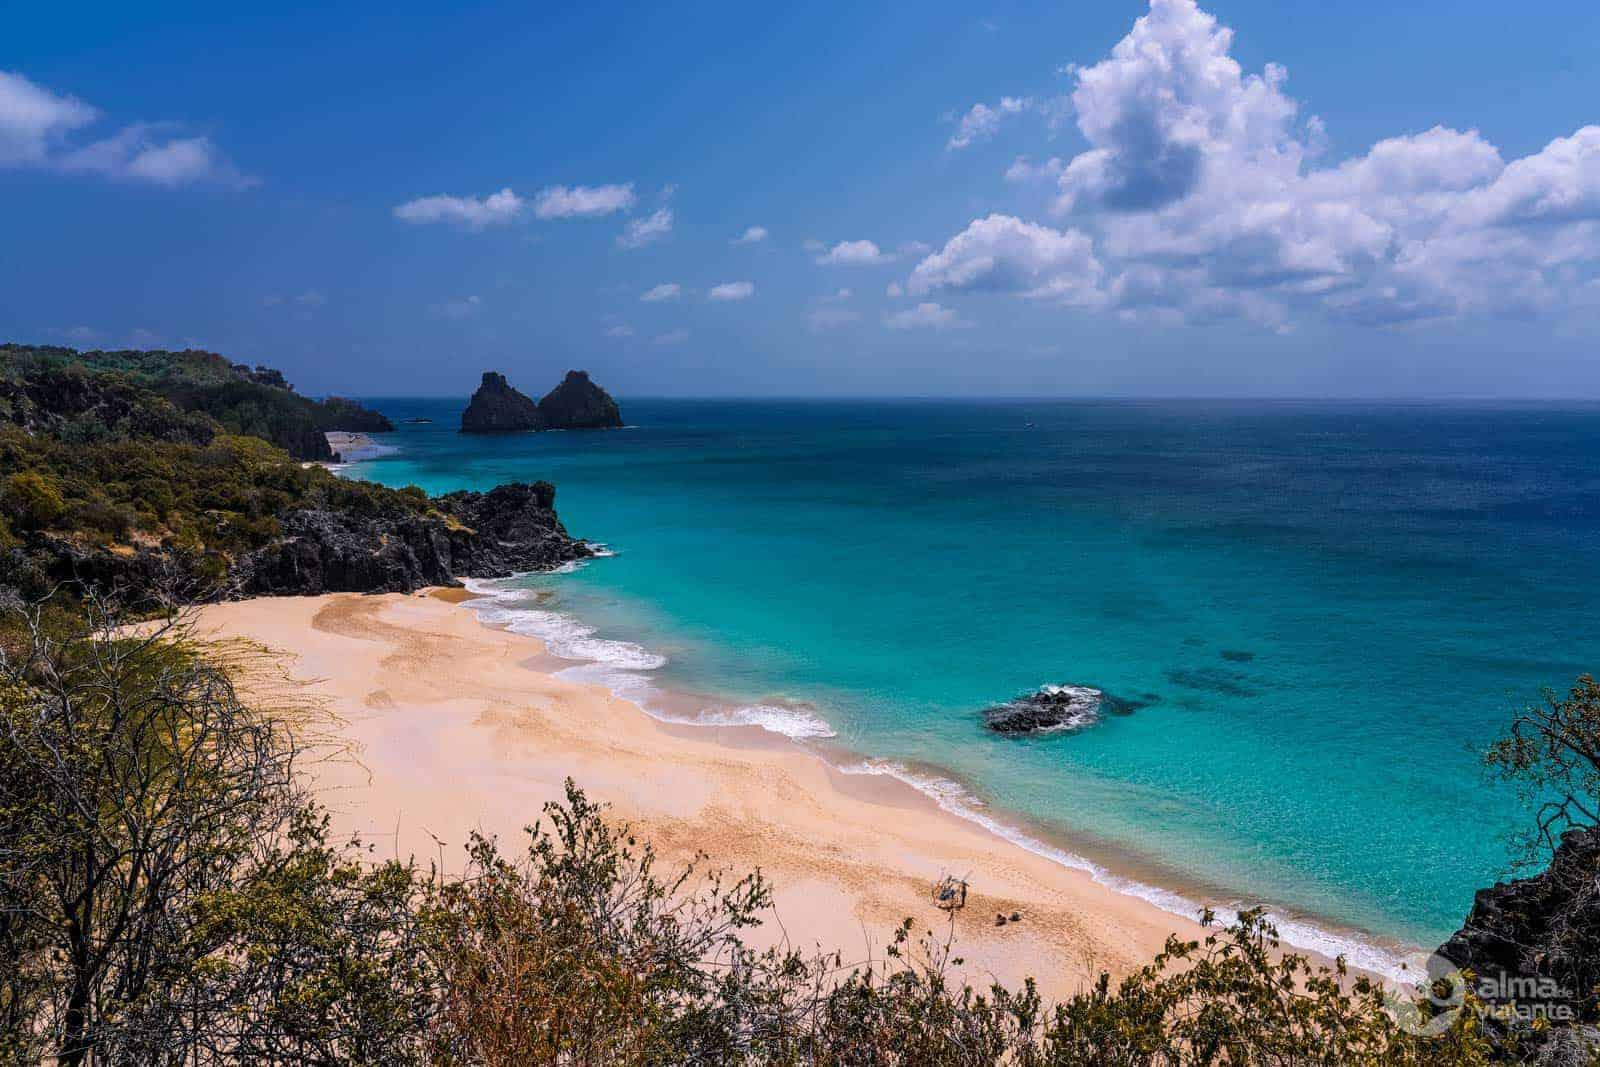 American Beach, Fernando de Noronha